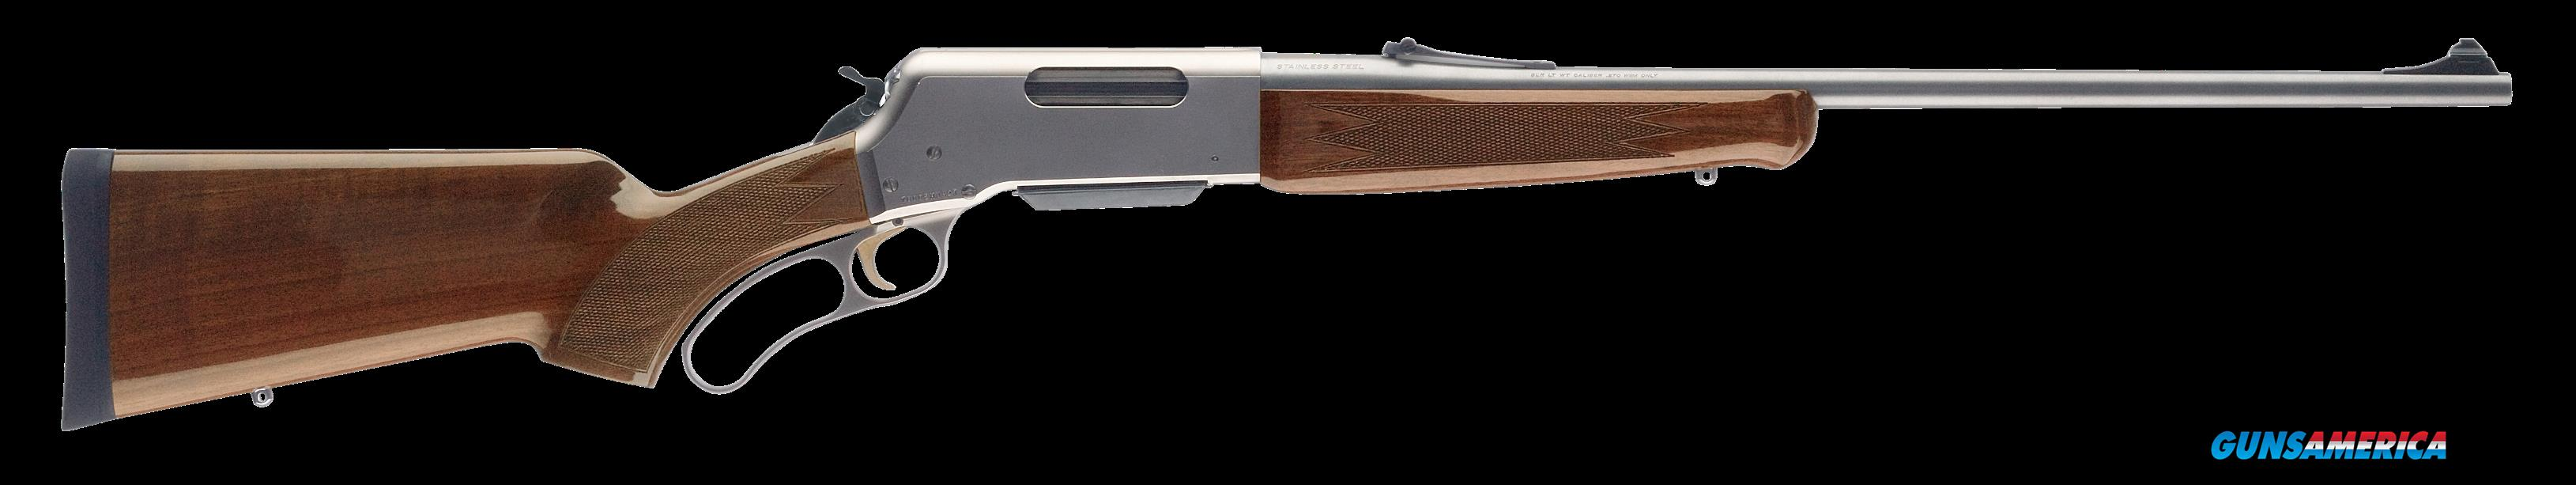 Browning Blr, Brn 034-018120 Blr Lt    Pg 358     Ss  Guns > Pistols > 1911 Pistol Copies (non-Colt)